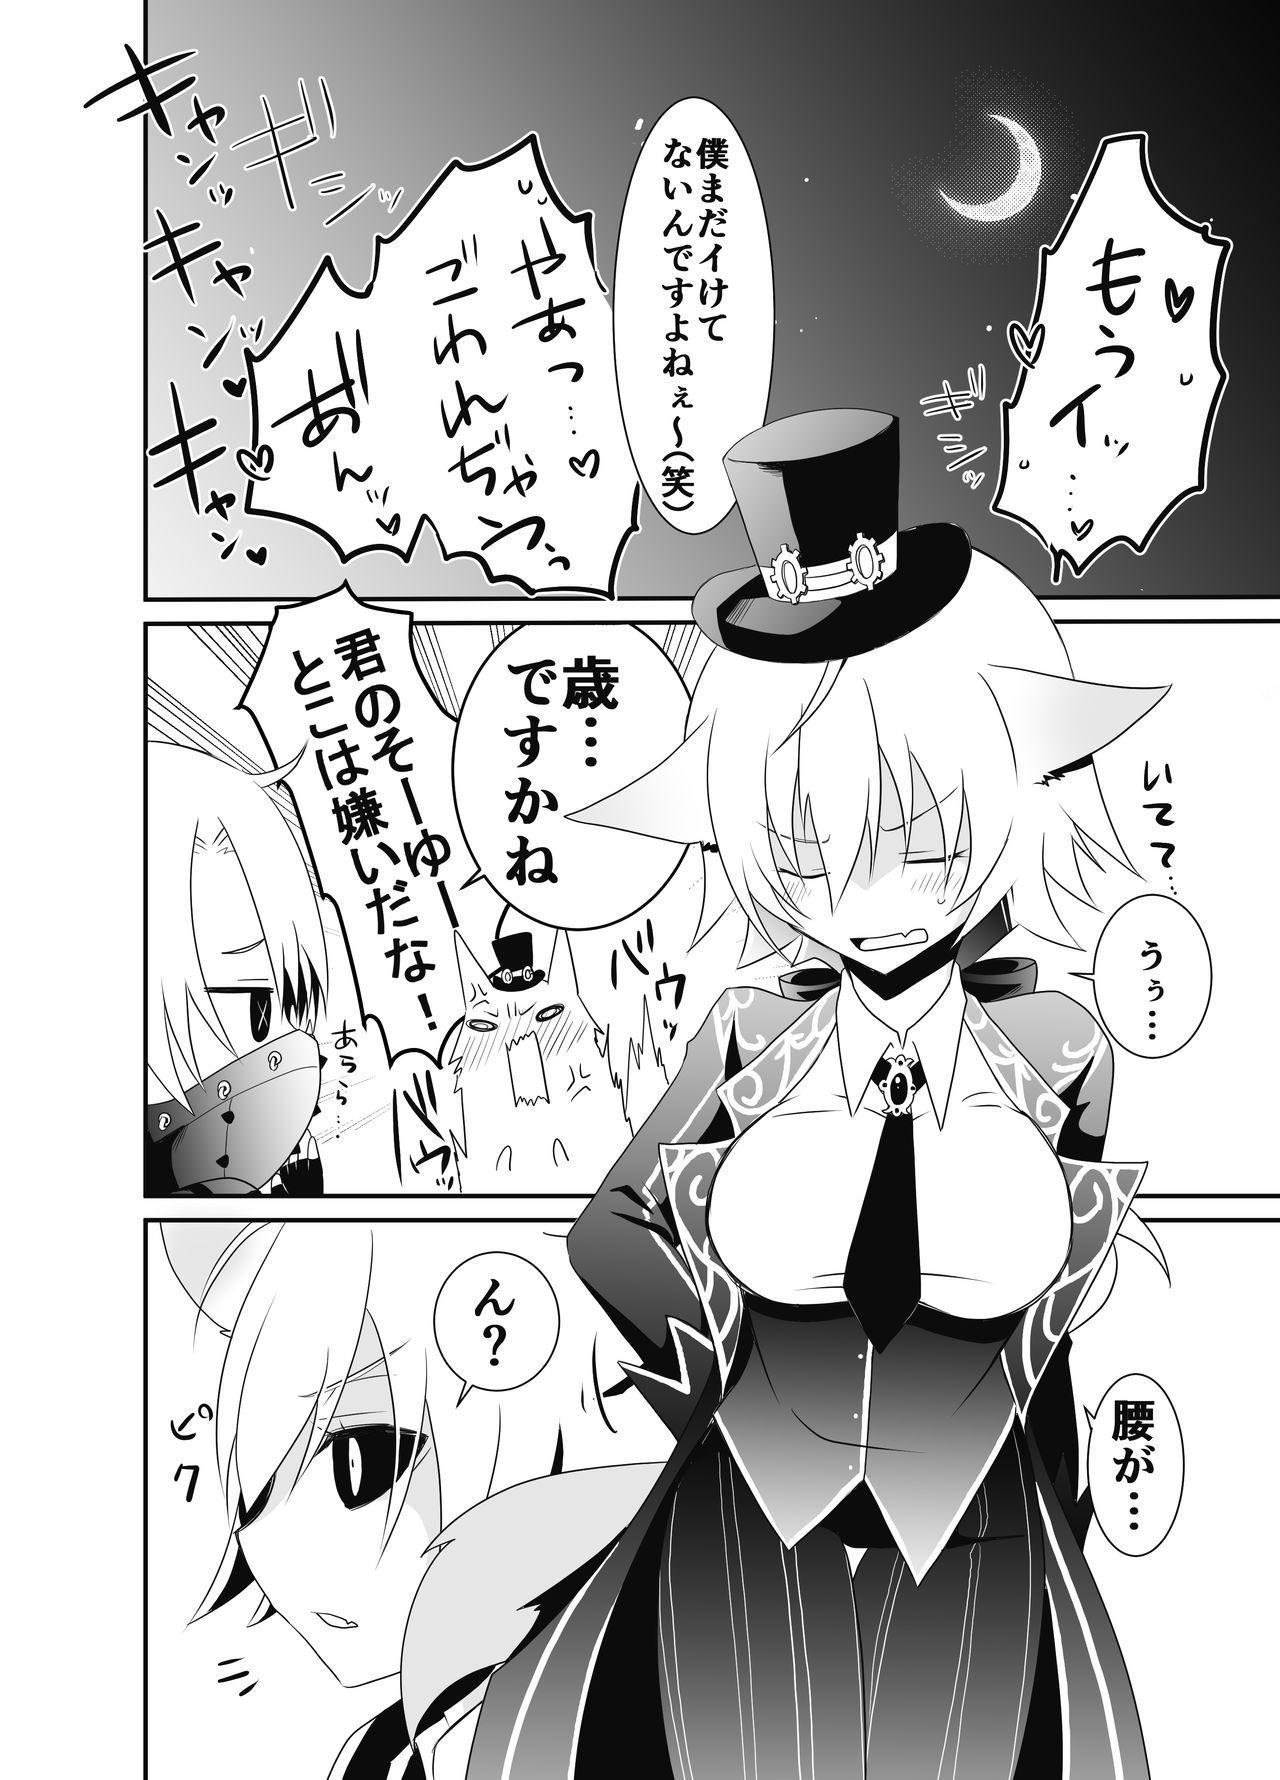 Exorcist-kun wa Gekka no Mono desu! 13